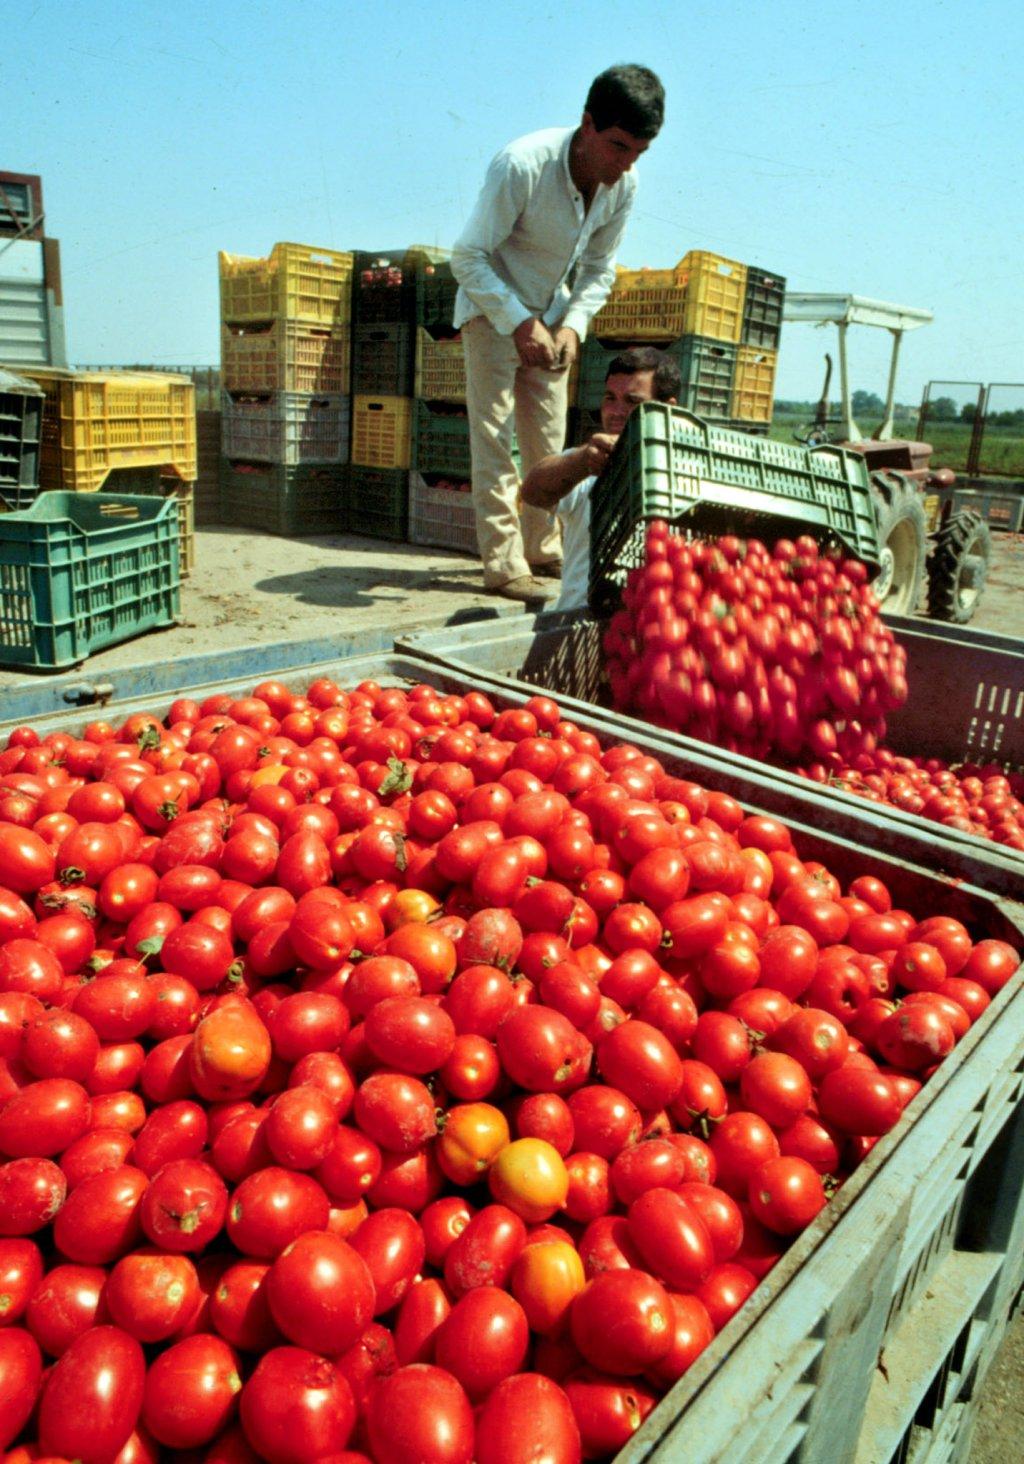 ansa / عامل مهاجر يقوم بجمع الطماطم في كامبانيا. المصدر: سيرو فوسكو/ أنسا